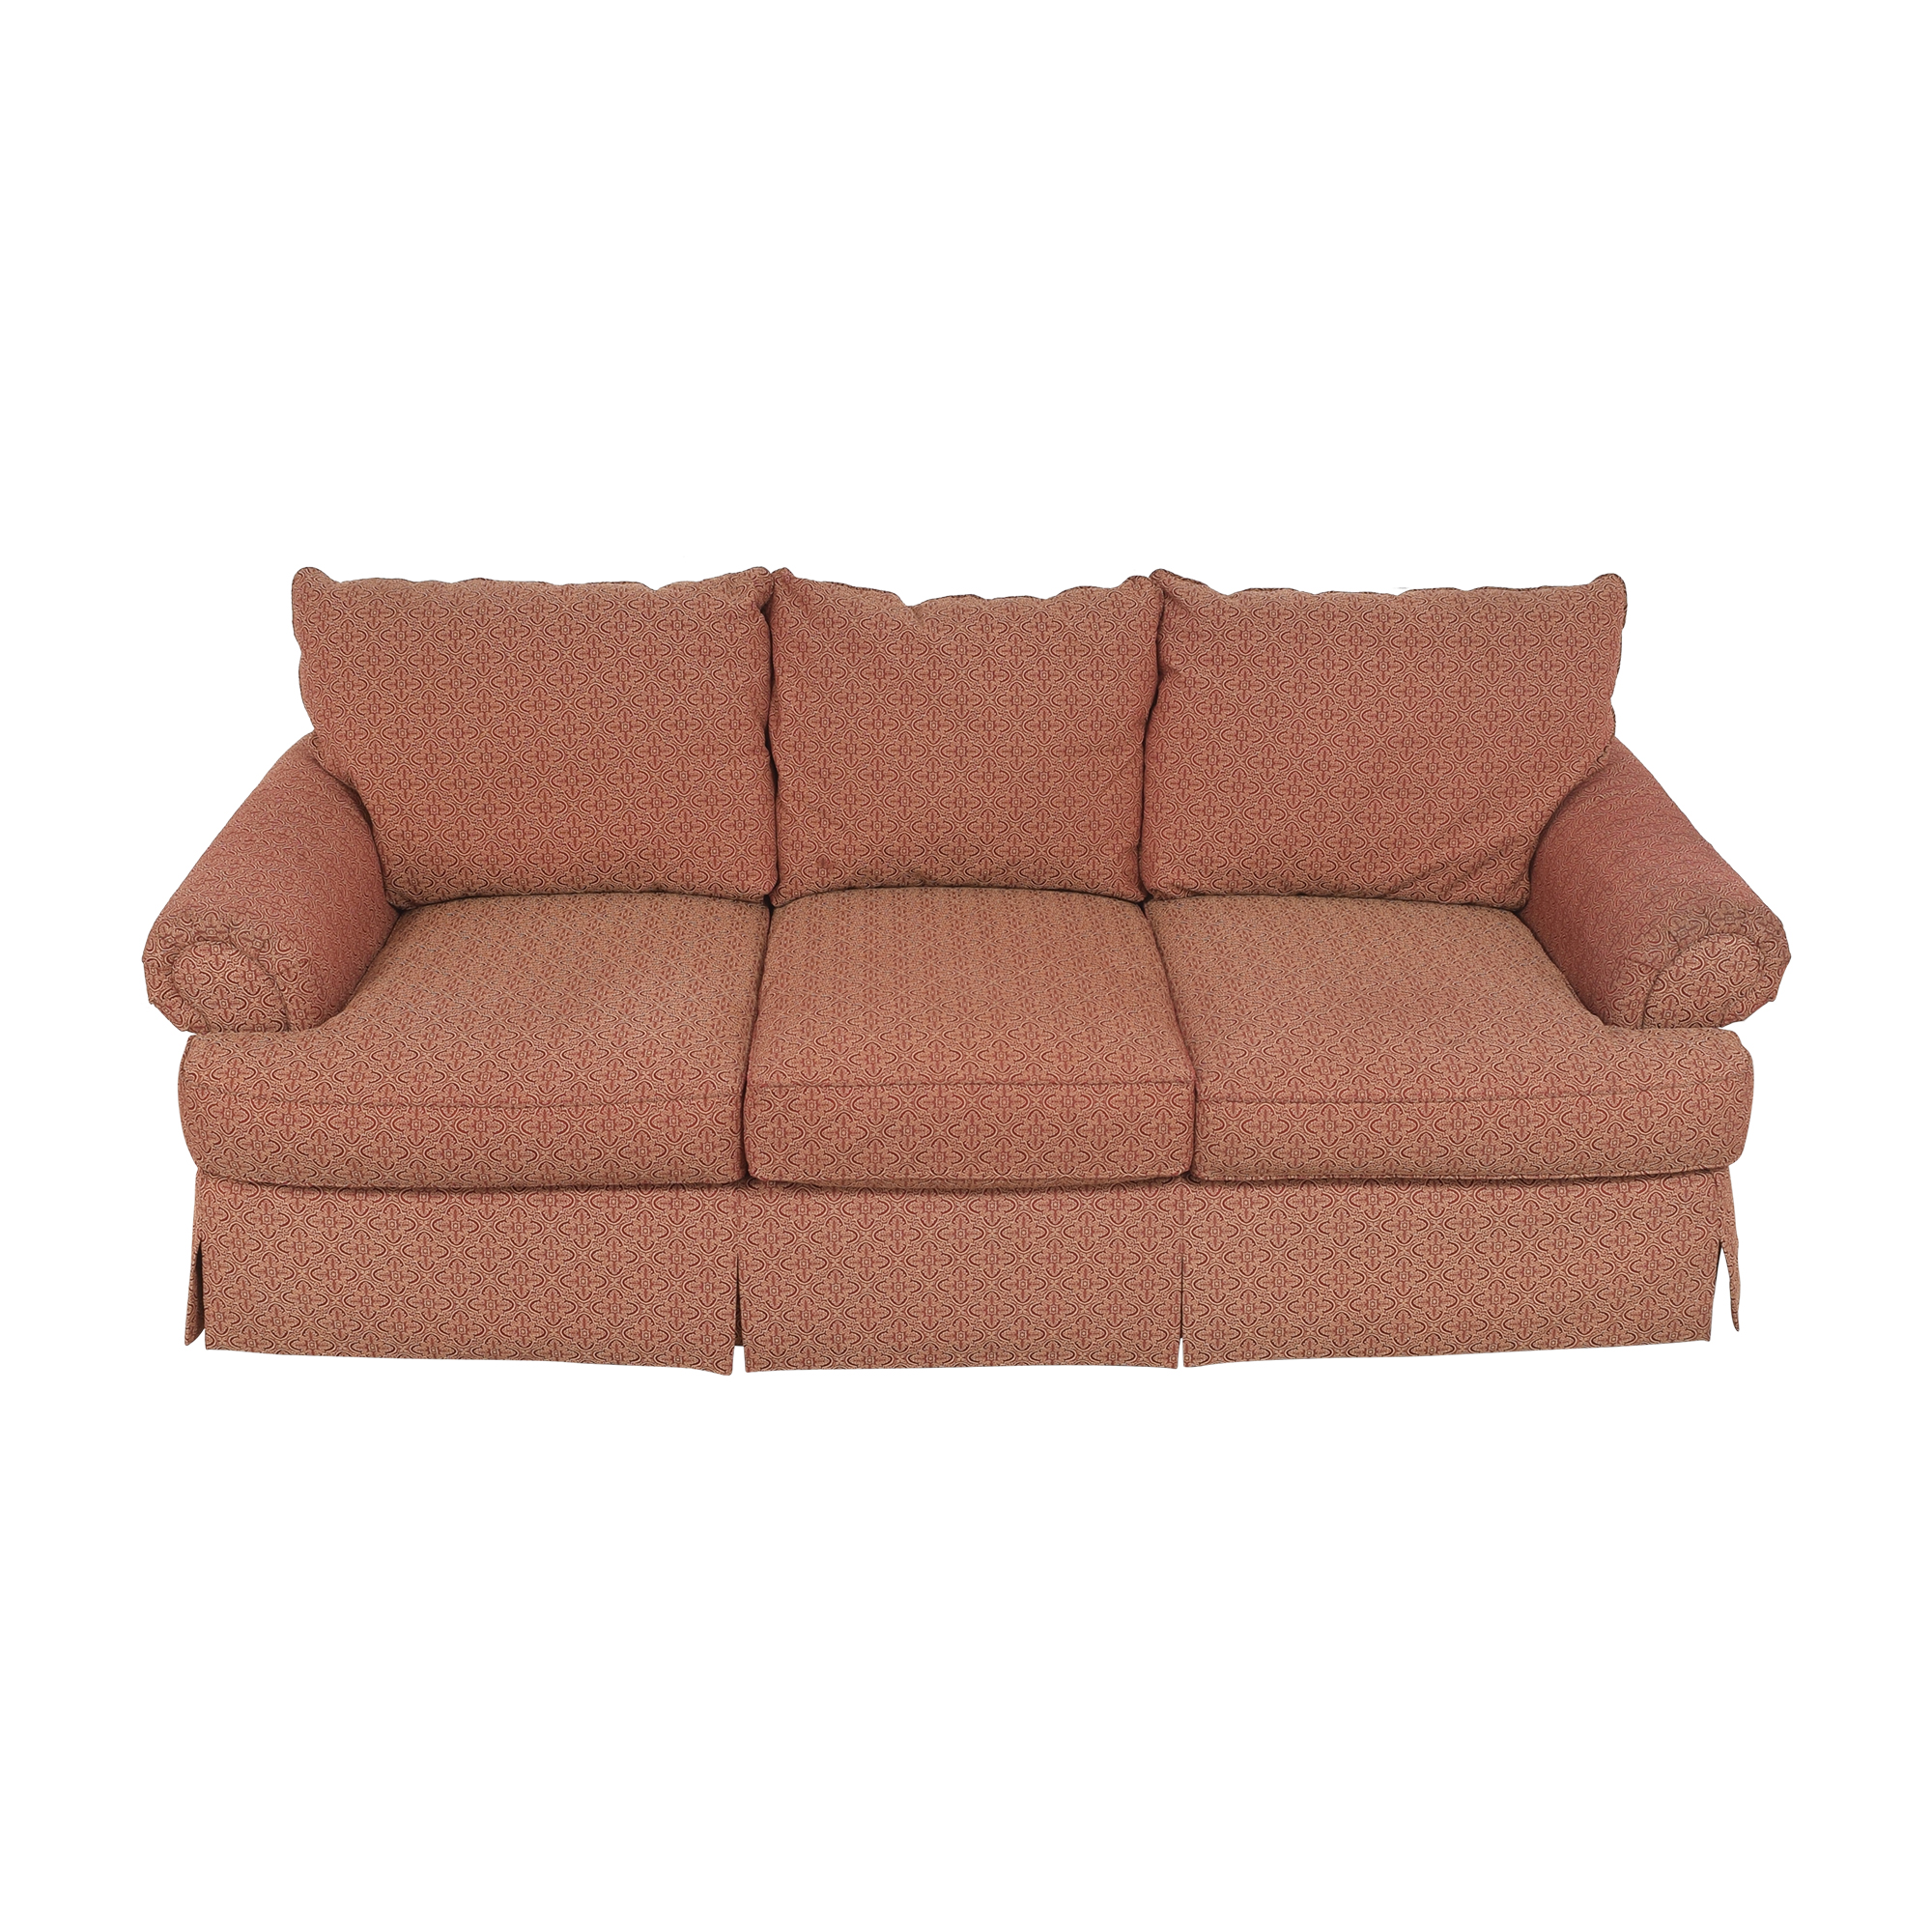 Thomasville Thomasville Three Cushion Sofa